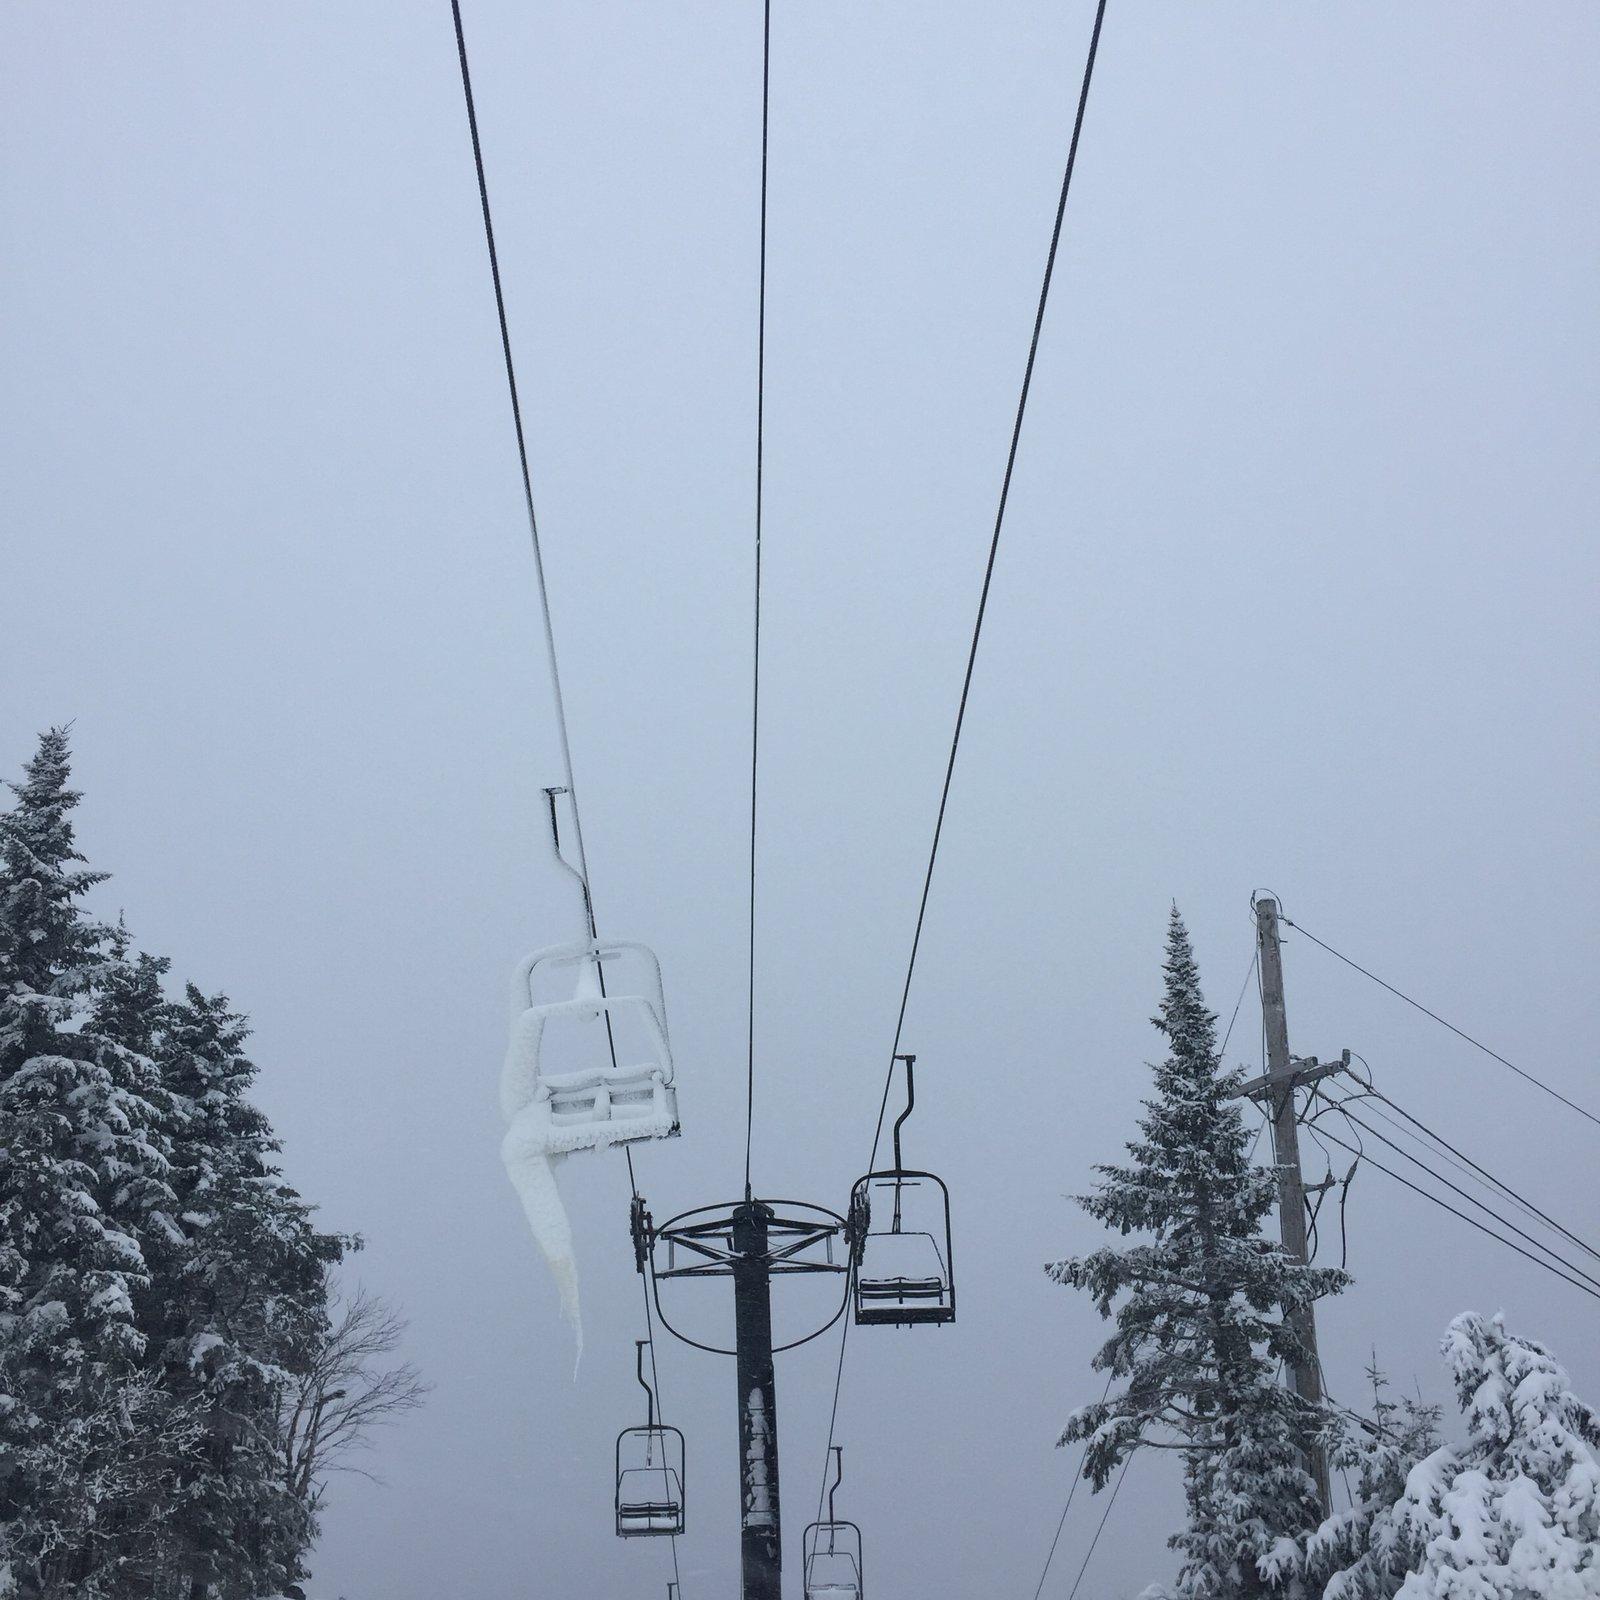 Big icicle i saw